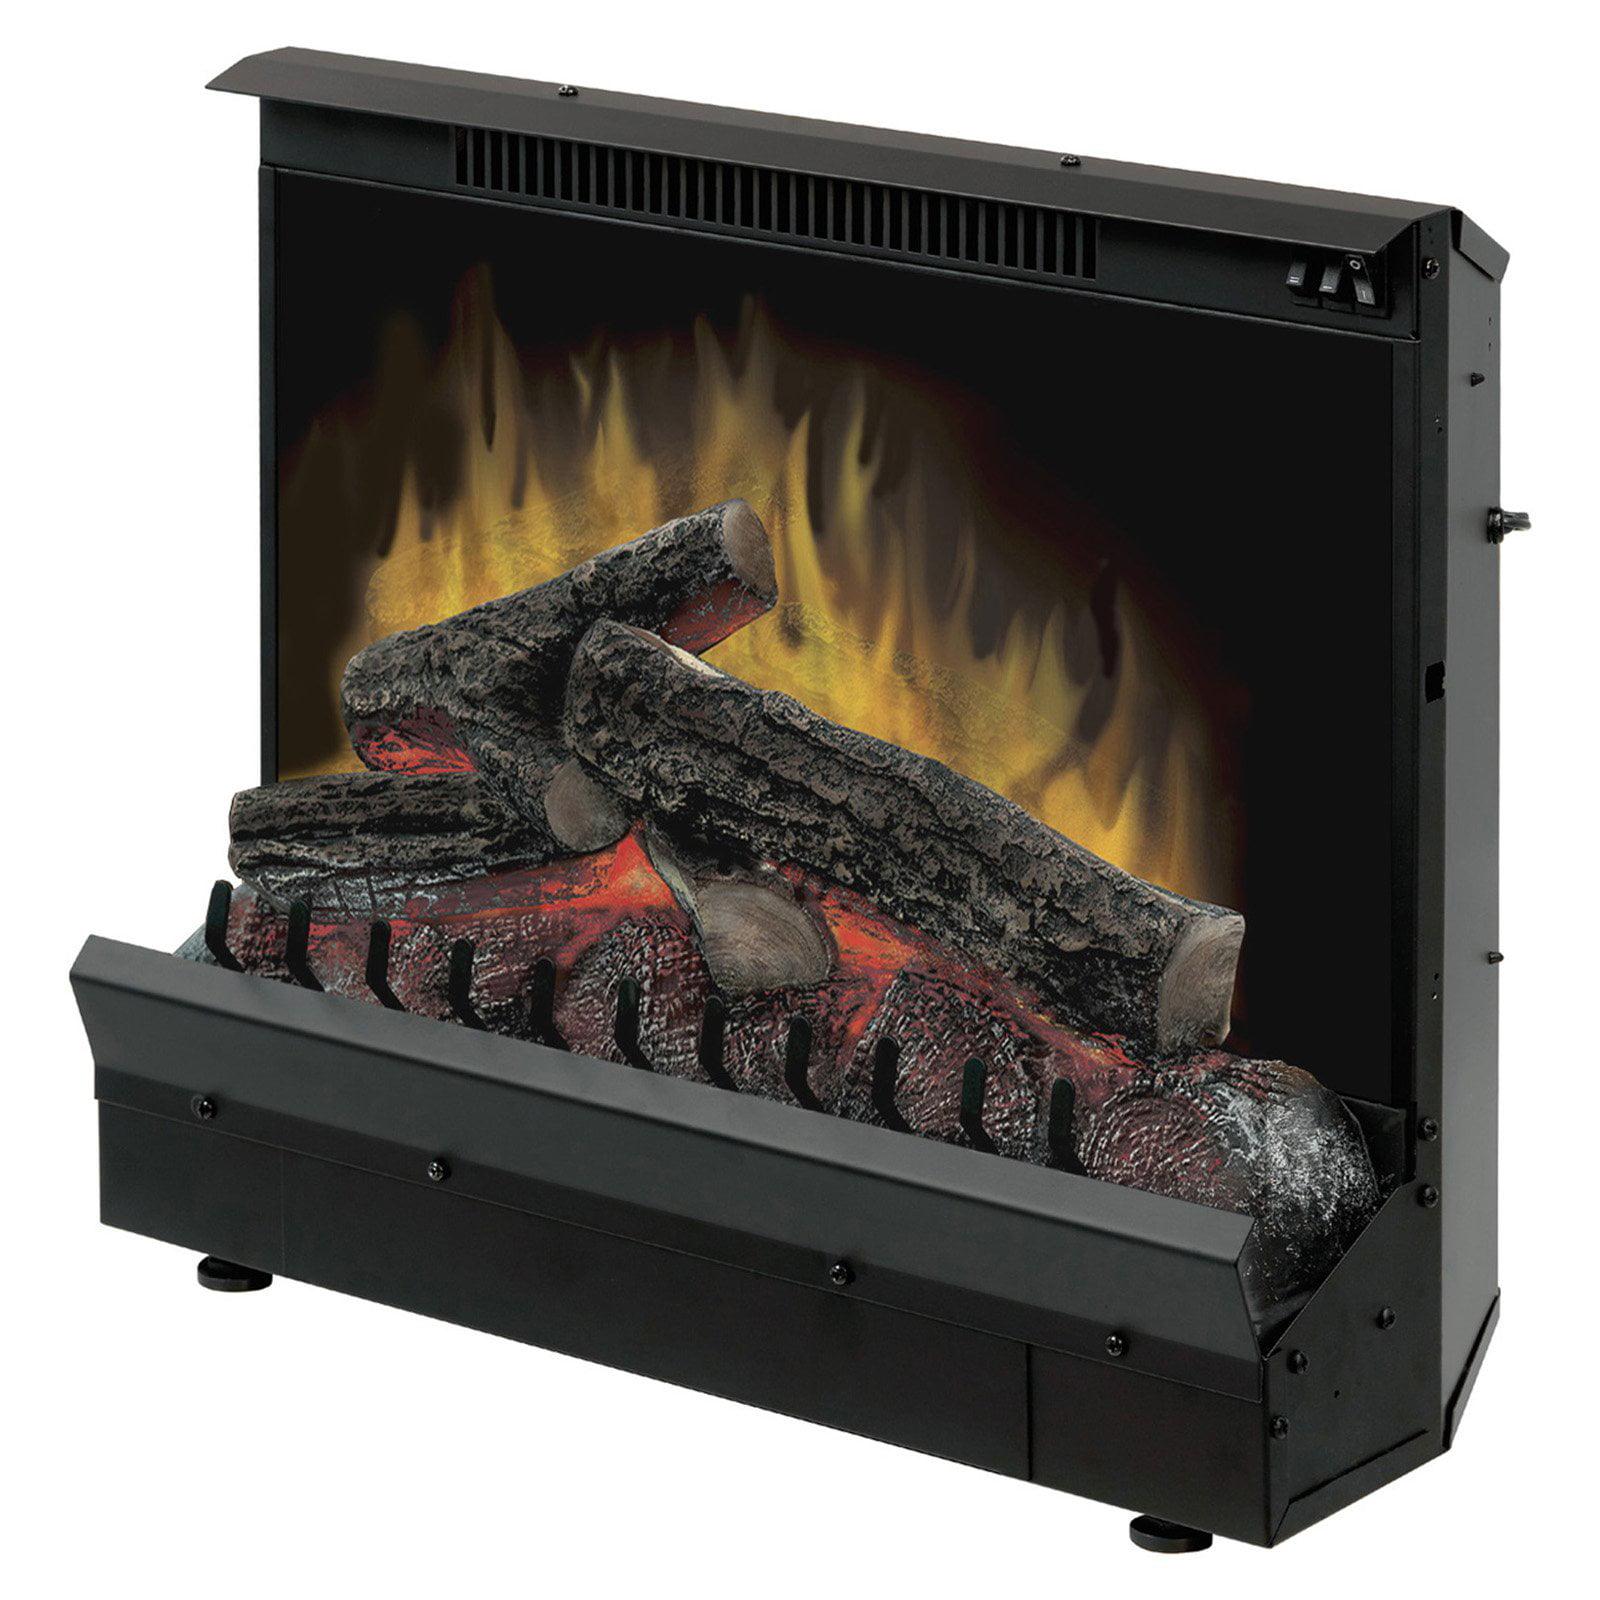 Dimplex 23 in. Electric Fireplace Insert